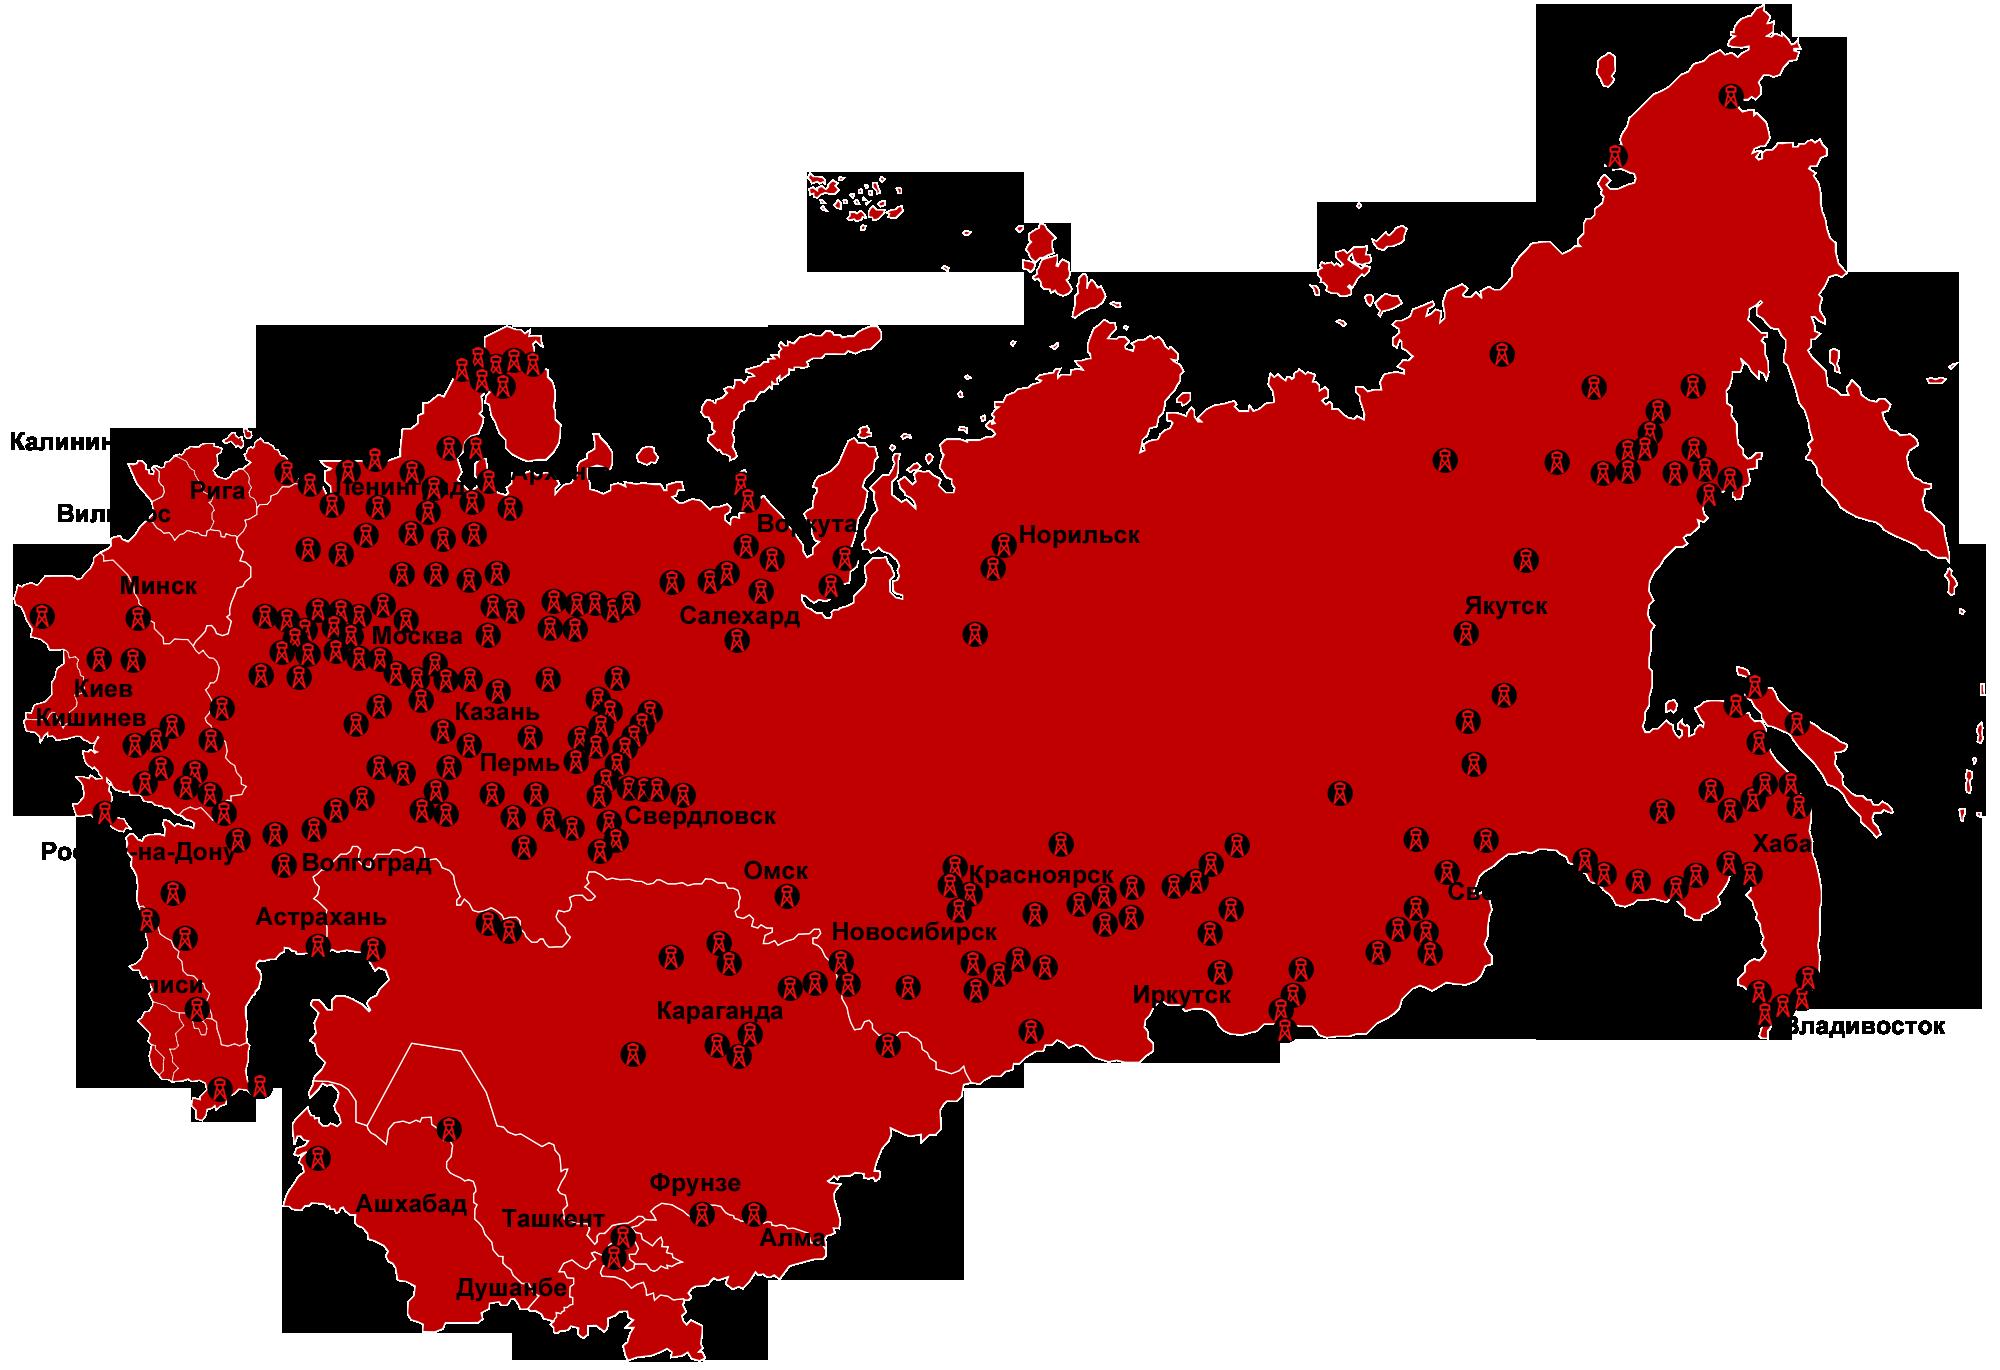 Более половины россиян положительно относятся к советскому диктатору Сталину, - опрос - Цензор.НЕТ 2035